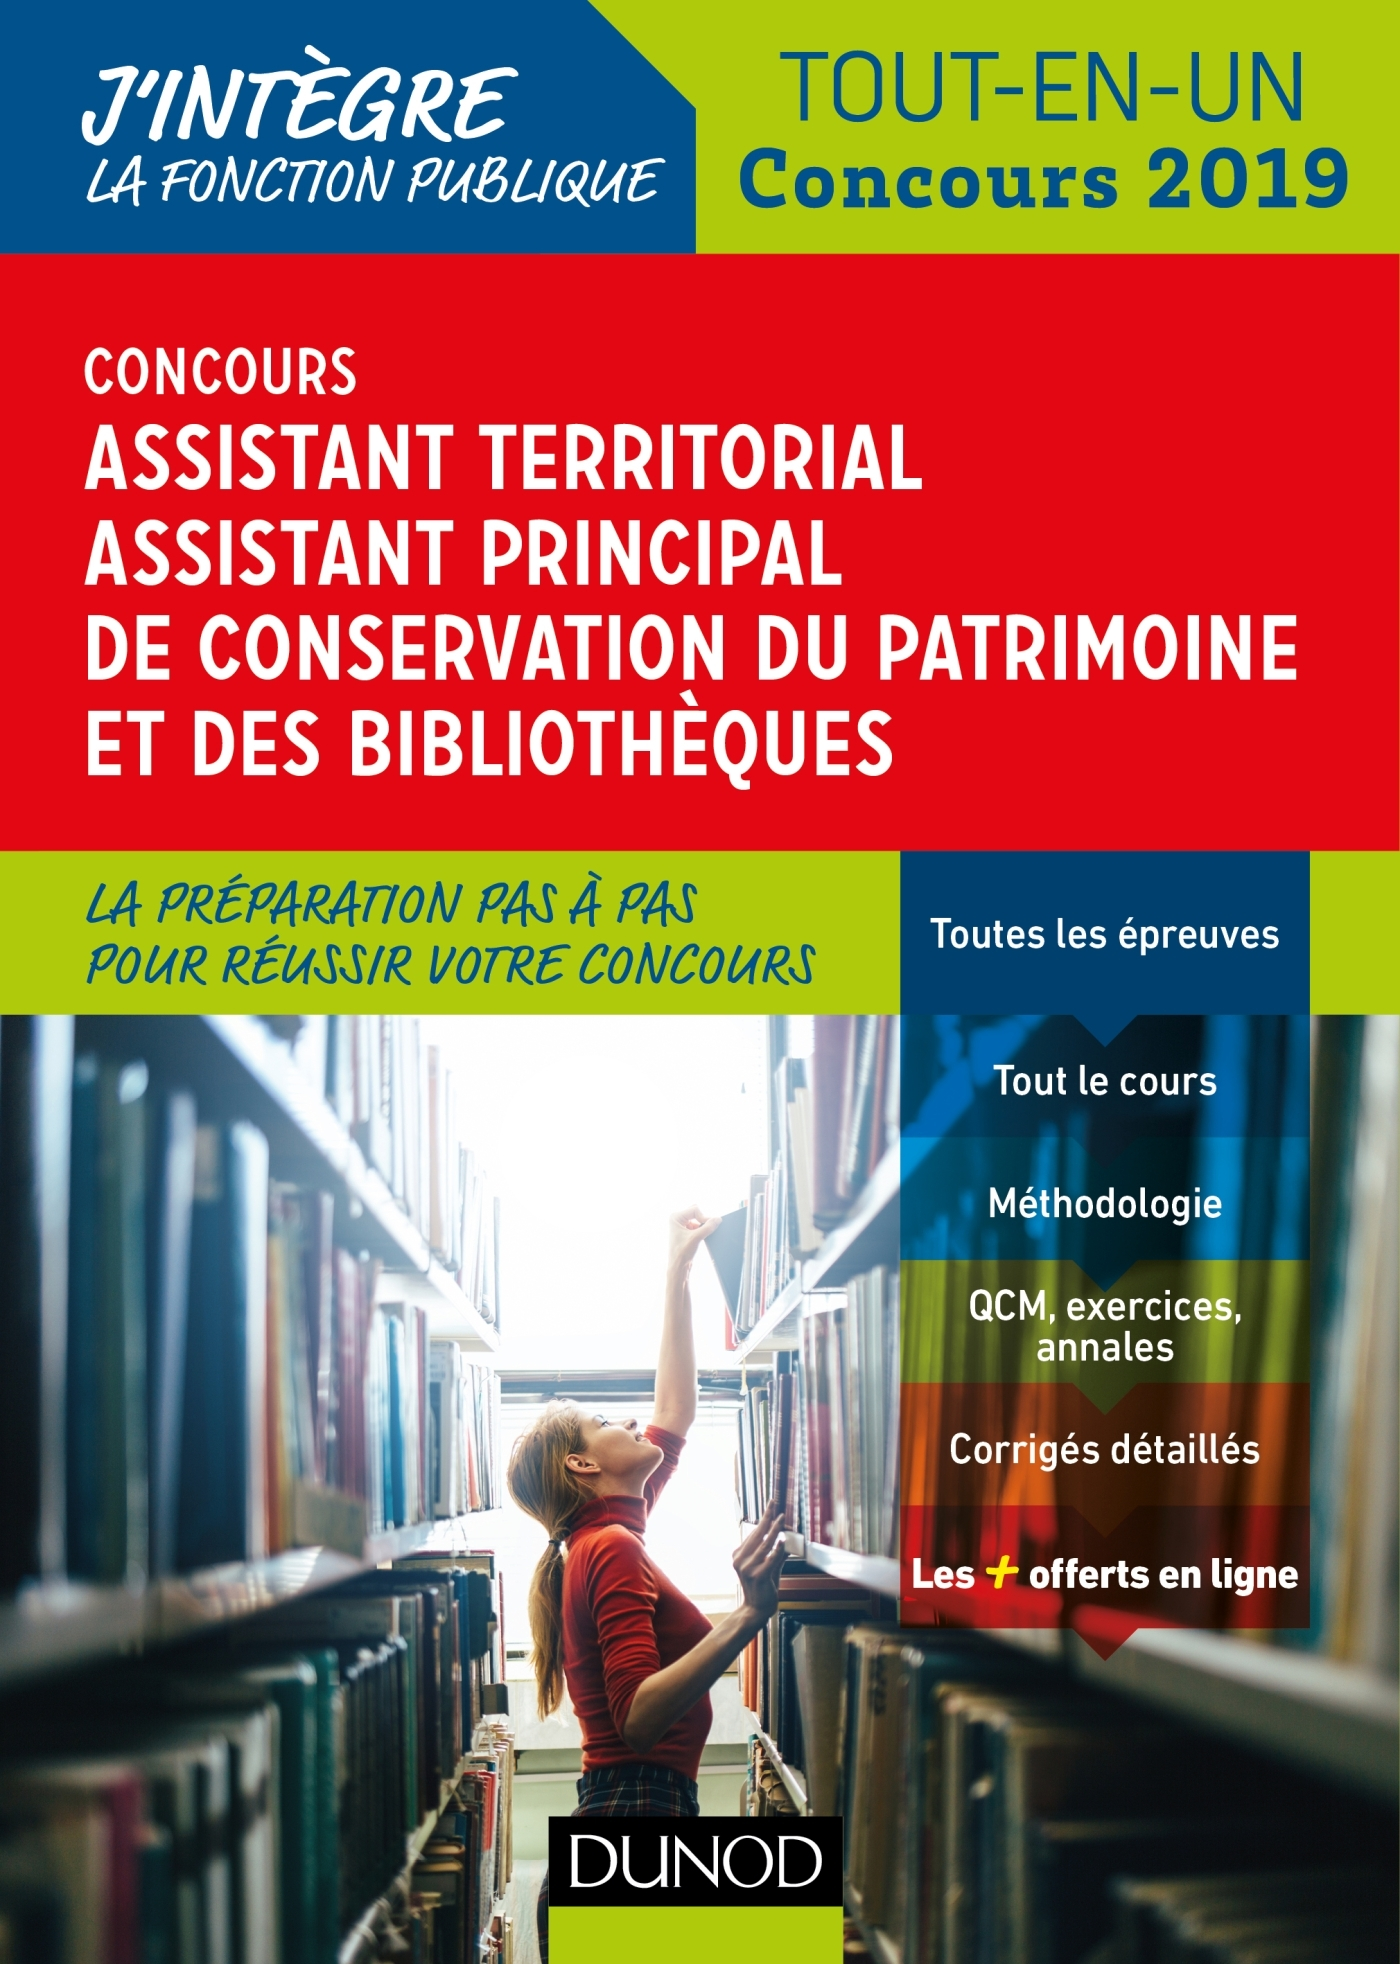 CONCOURS ASSISTANT TERRITORIAL DE CONSERVATION DU PATRIMOINE ET DES BIBLIOTHEQUES - CONCOURS 2019 -